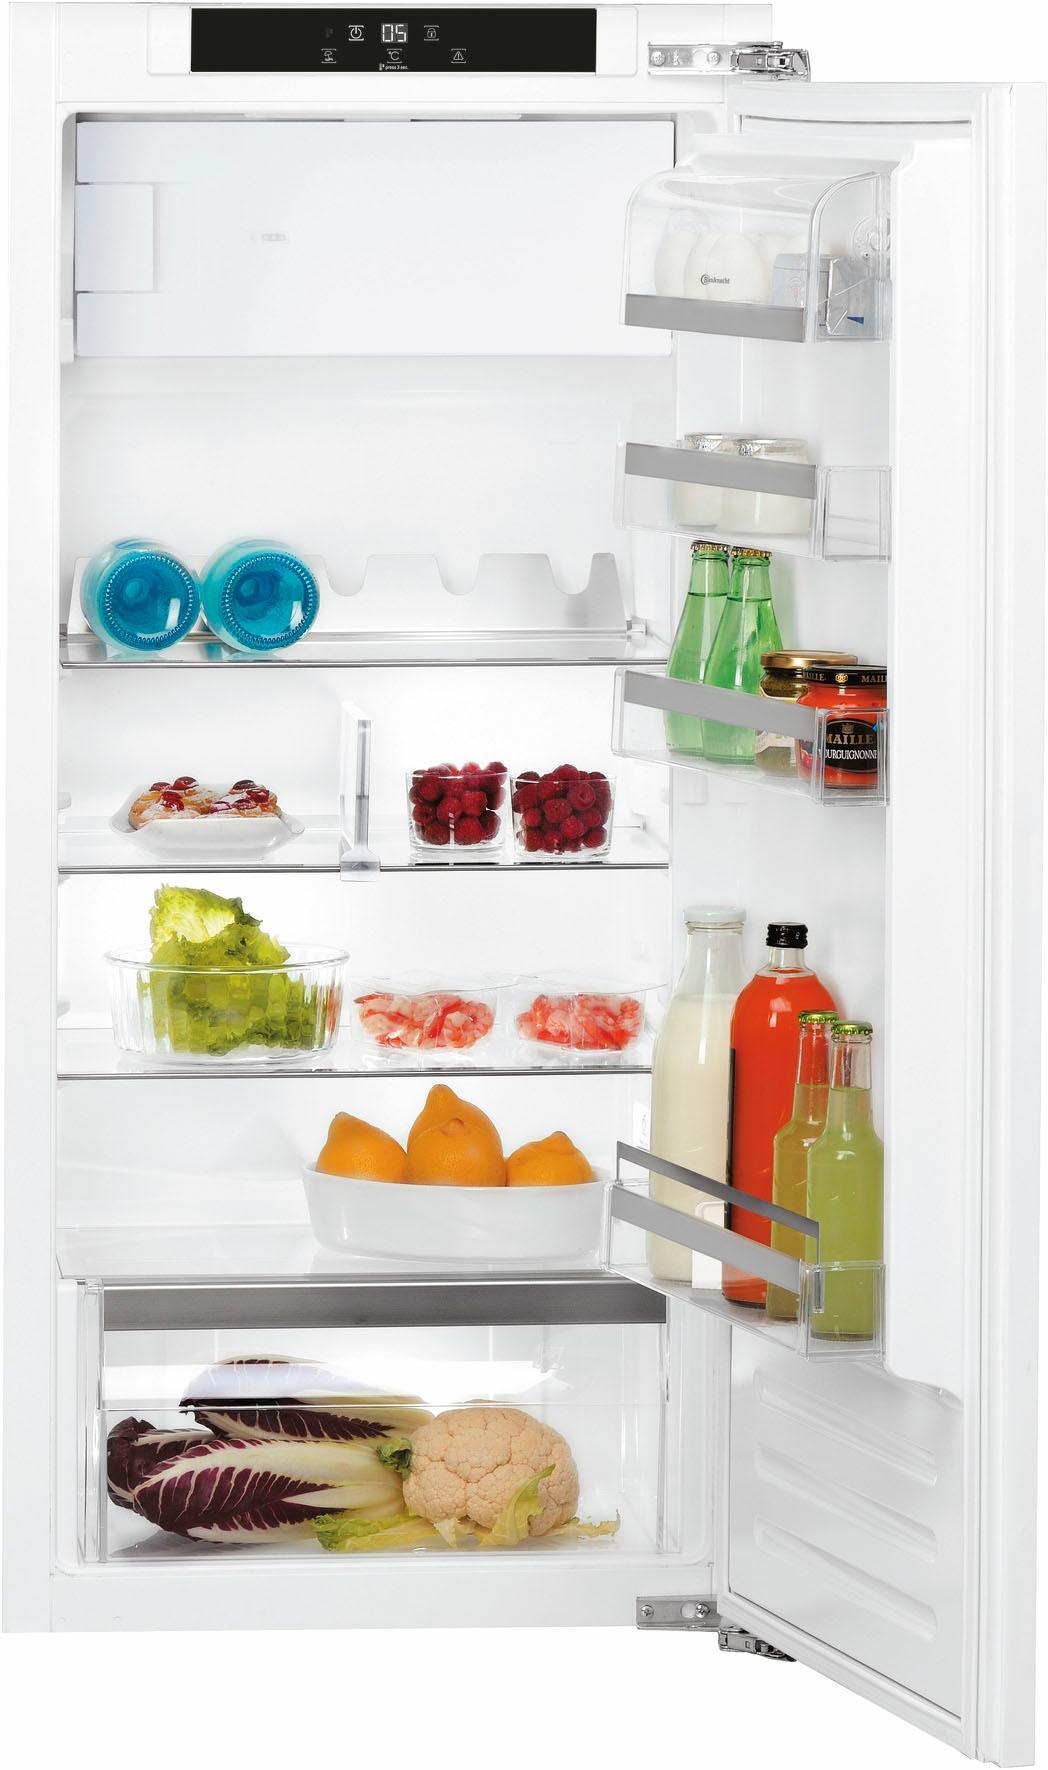 BAUKNECHT Einbaukühlschrank, 122 cm hoch, 55, 7 cm breit   Küche und Esszimmer > Küchenelektrogeräte > Kühlschränke   Bauknecht